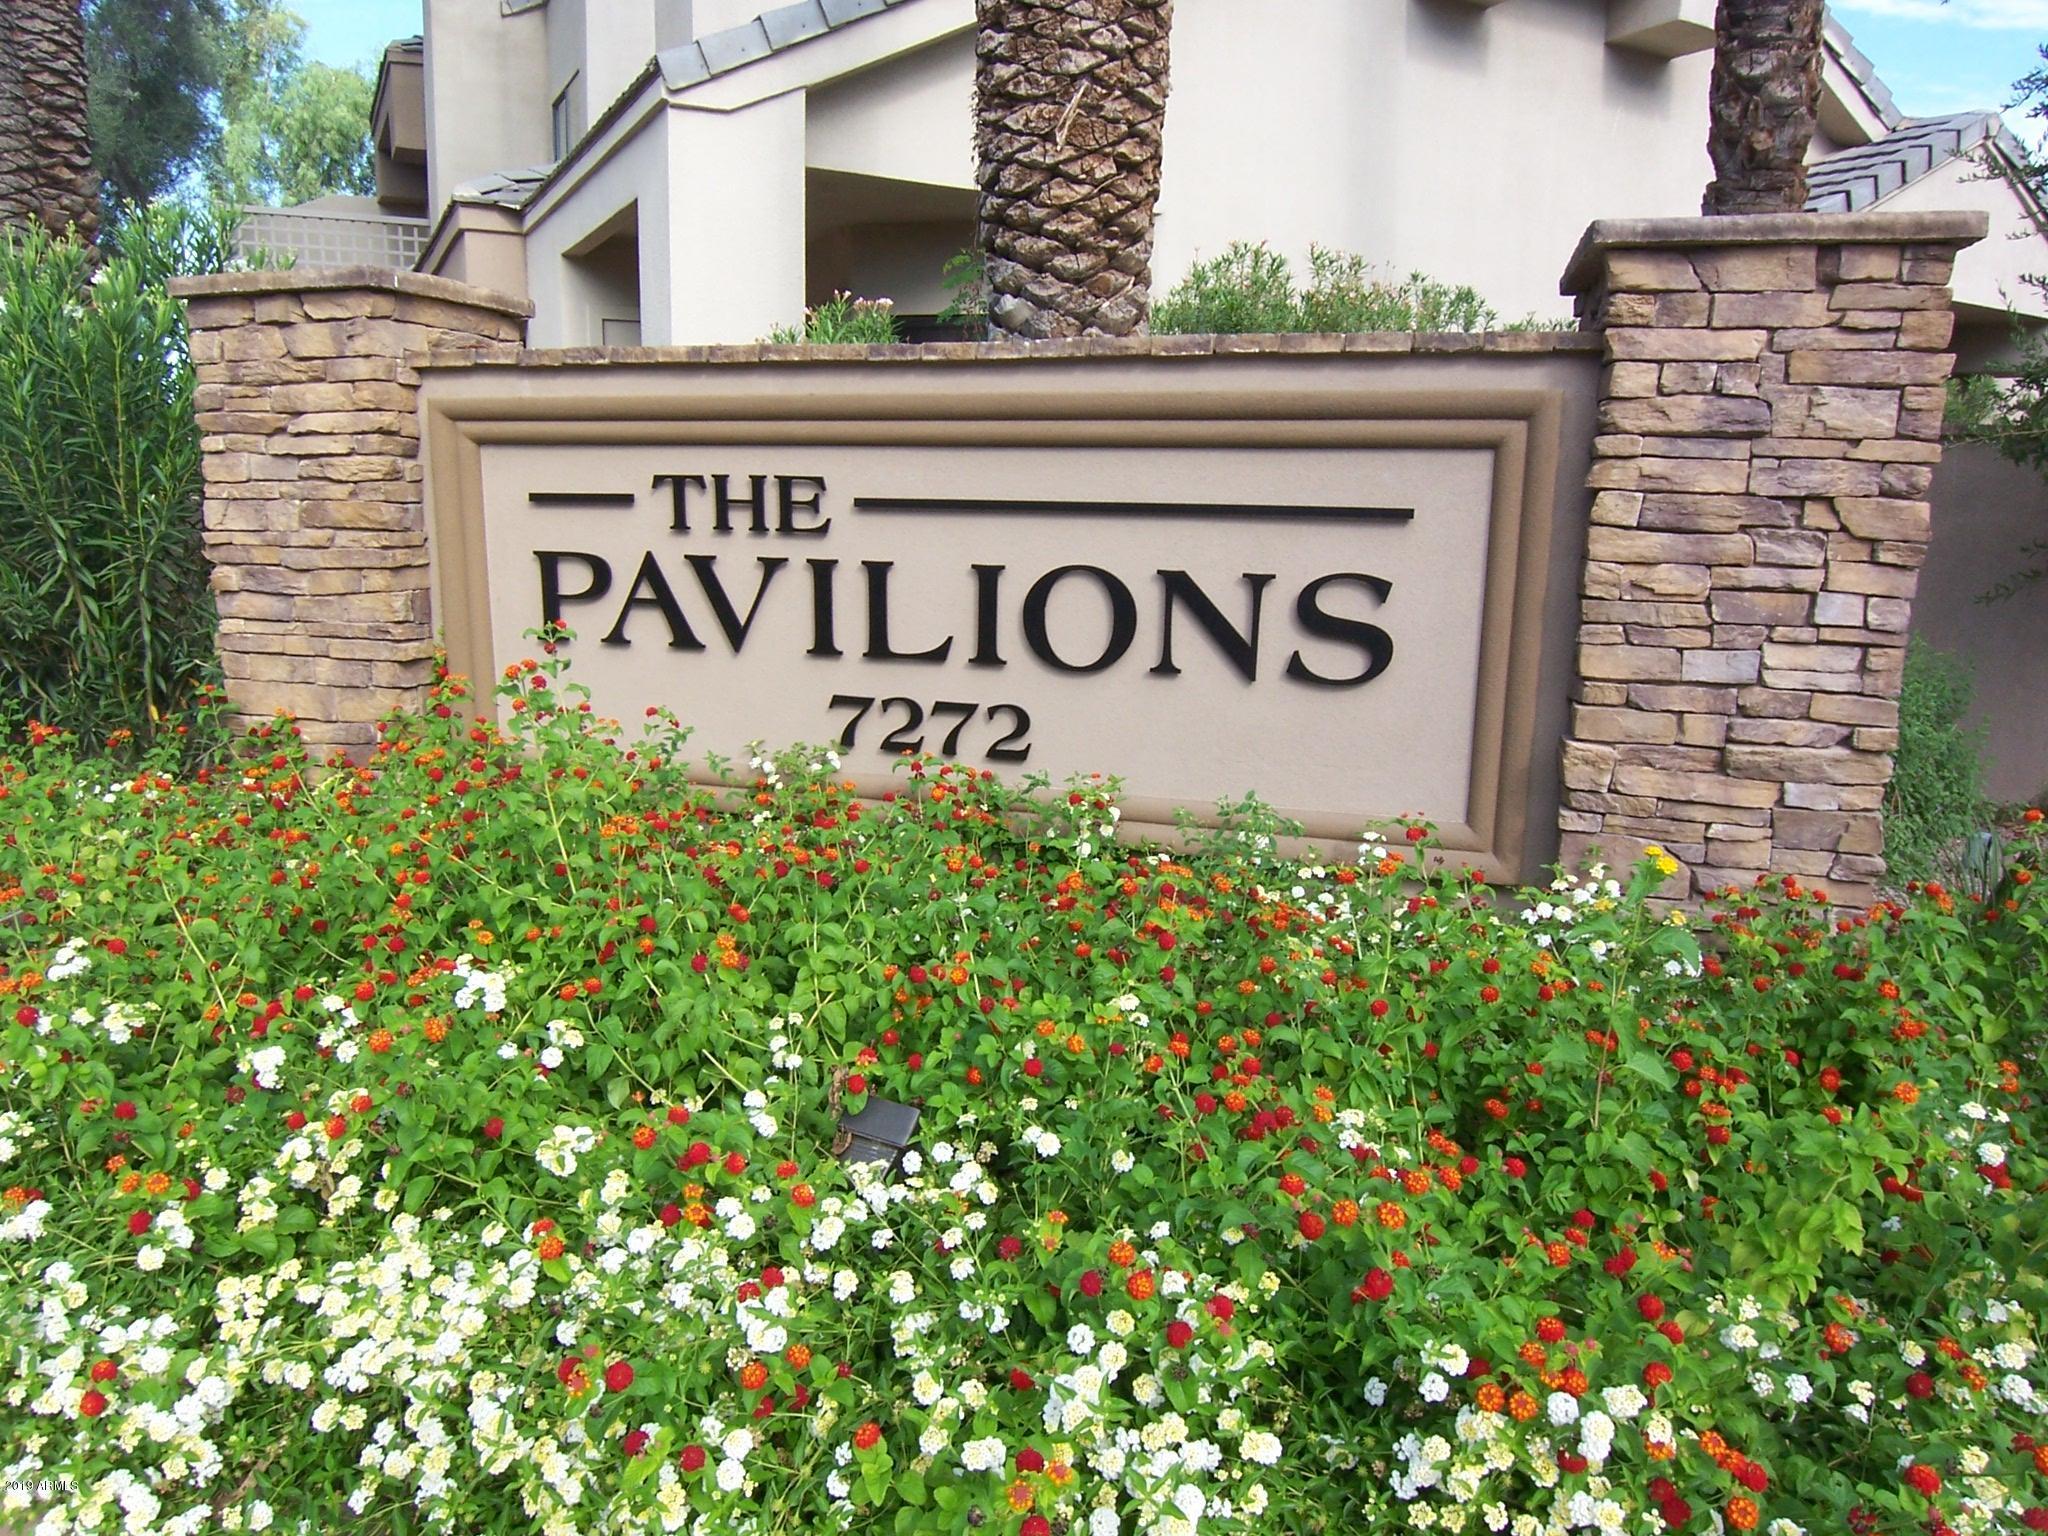 MLS 5937045 7272 E GAINEY RANCH Road Unit 28, Scottsdale, AZ 85258 Scottsdale AZ Gainey Ranch